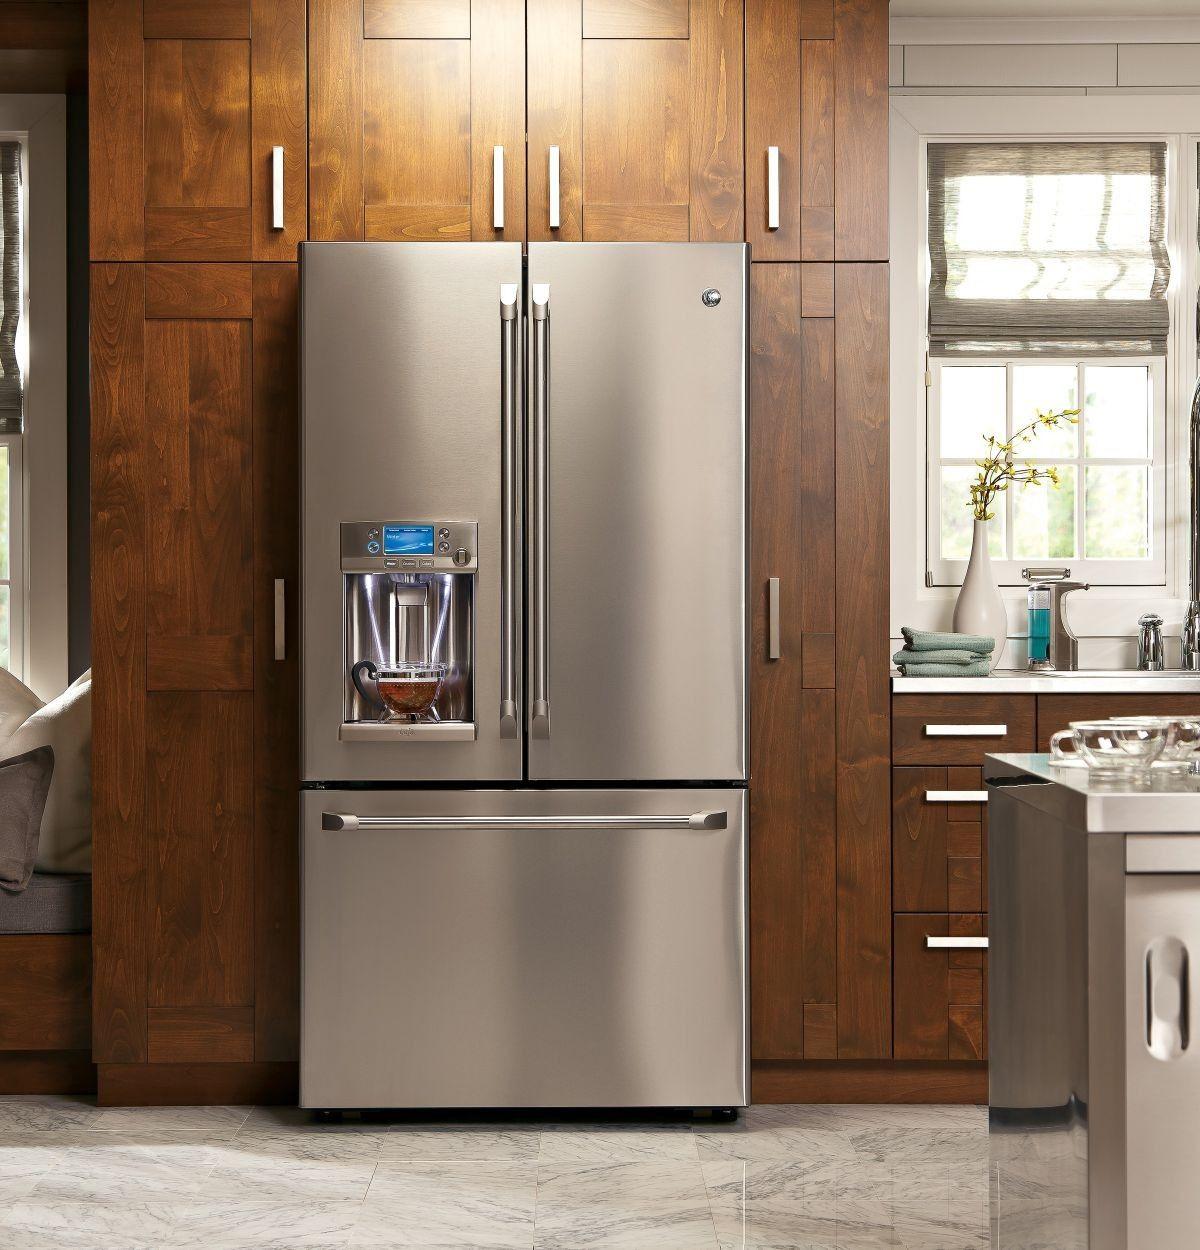 Cye22tshss By Cafe French Door Refrigerators Goedekers Com French Door Refrigerator French Doors Counter Depth French Door Refrigerator